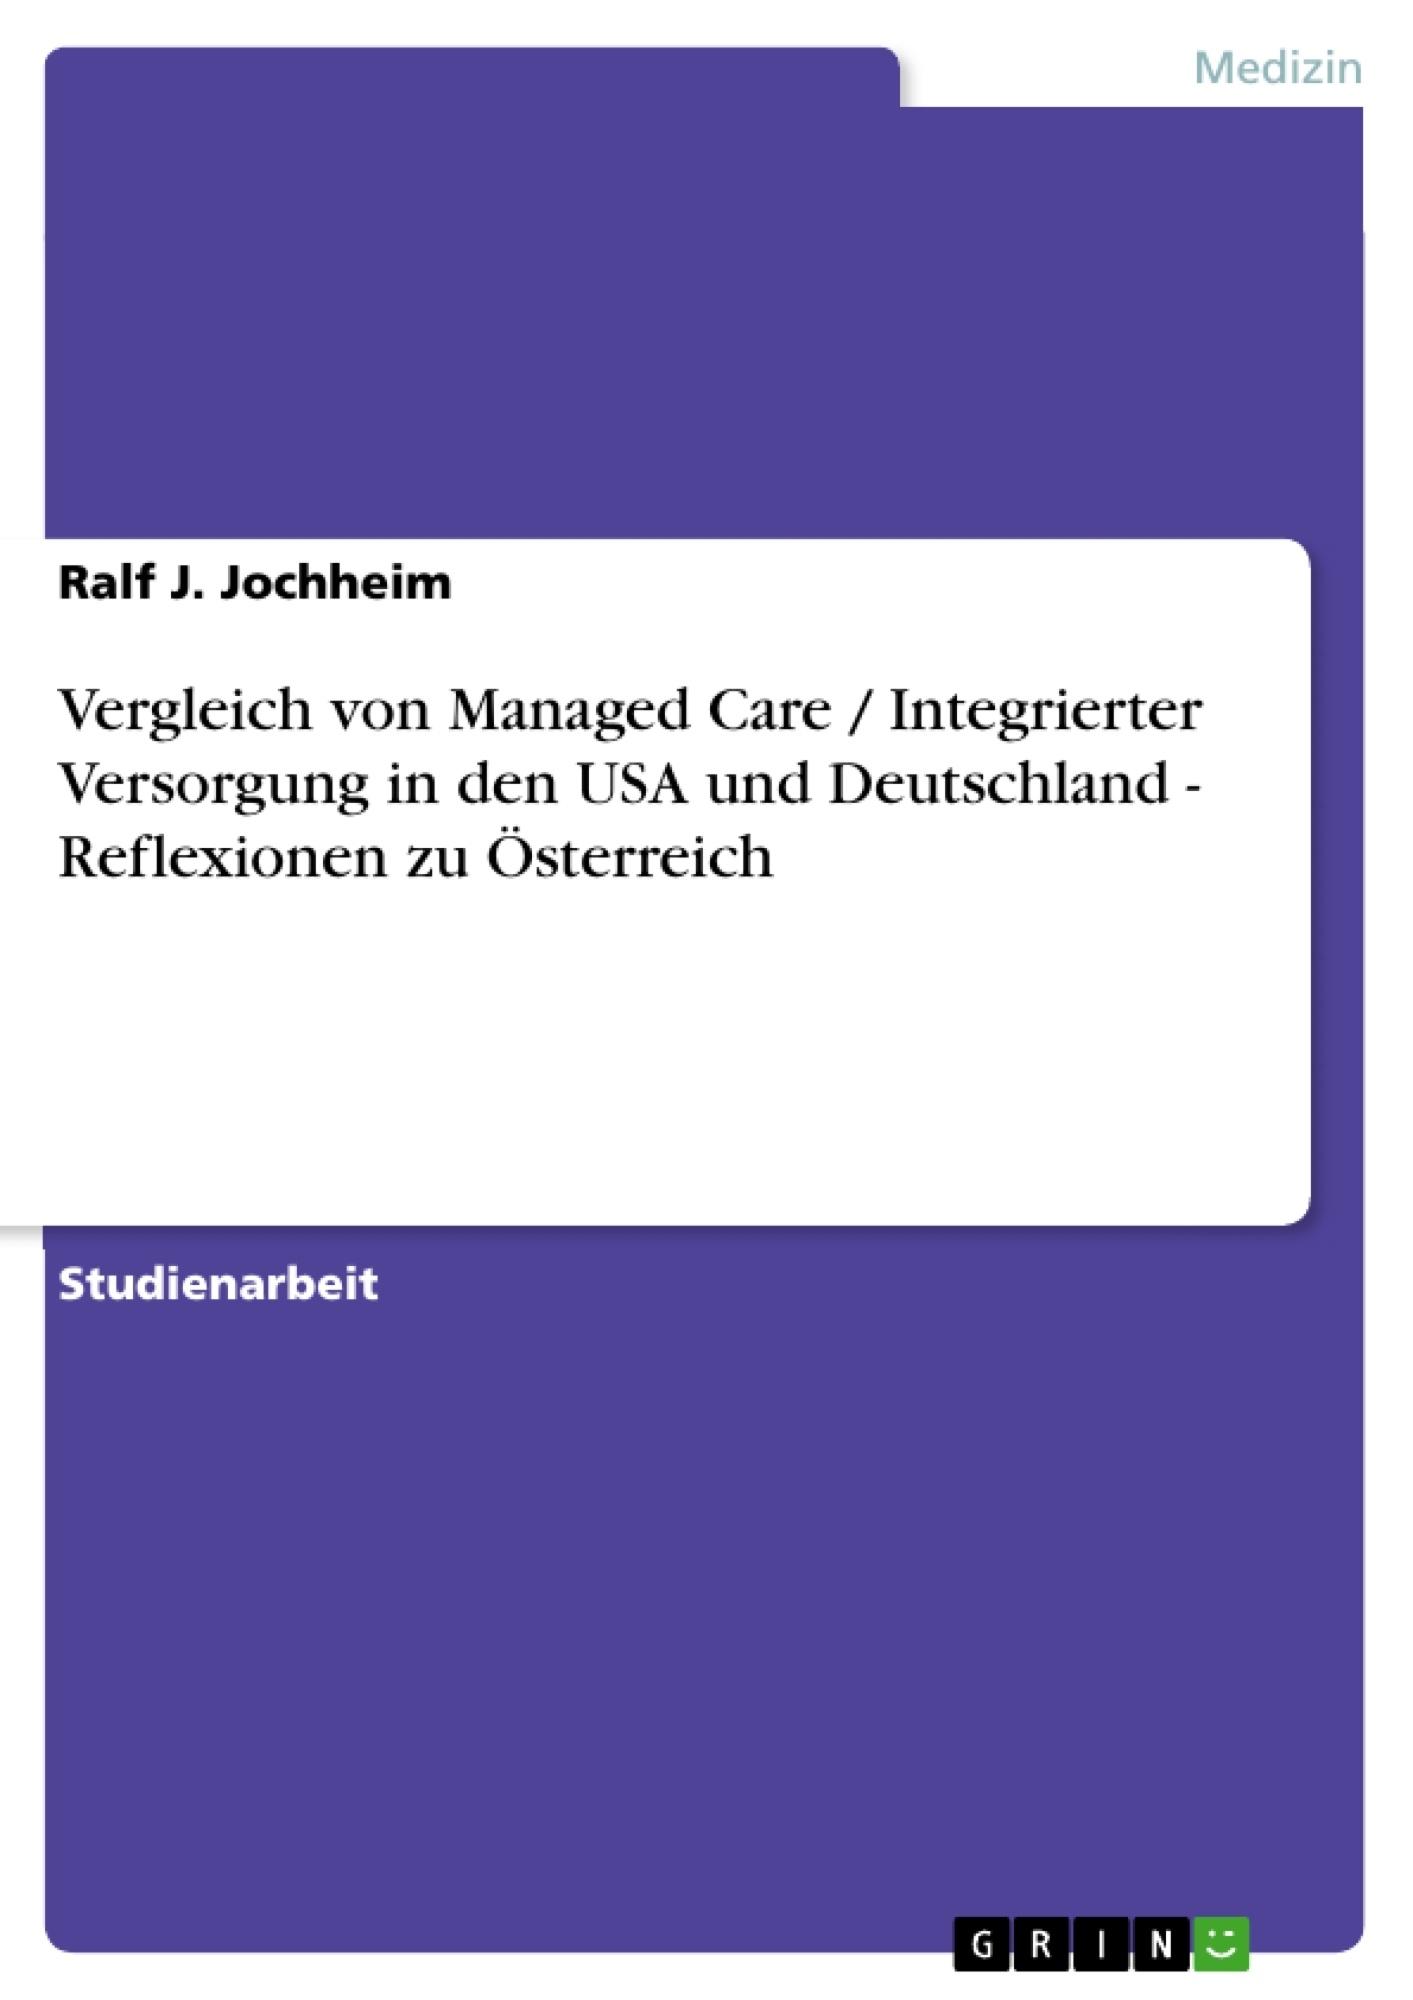 Titel: Vergleich von Managed Care / Integrierter Versorgung in den USA und Deutschland - Reflexionen zu Österreich